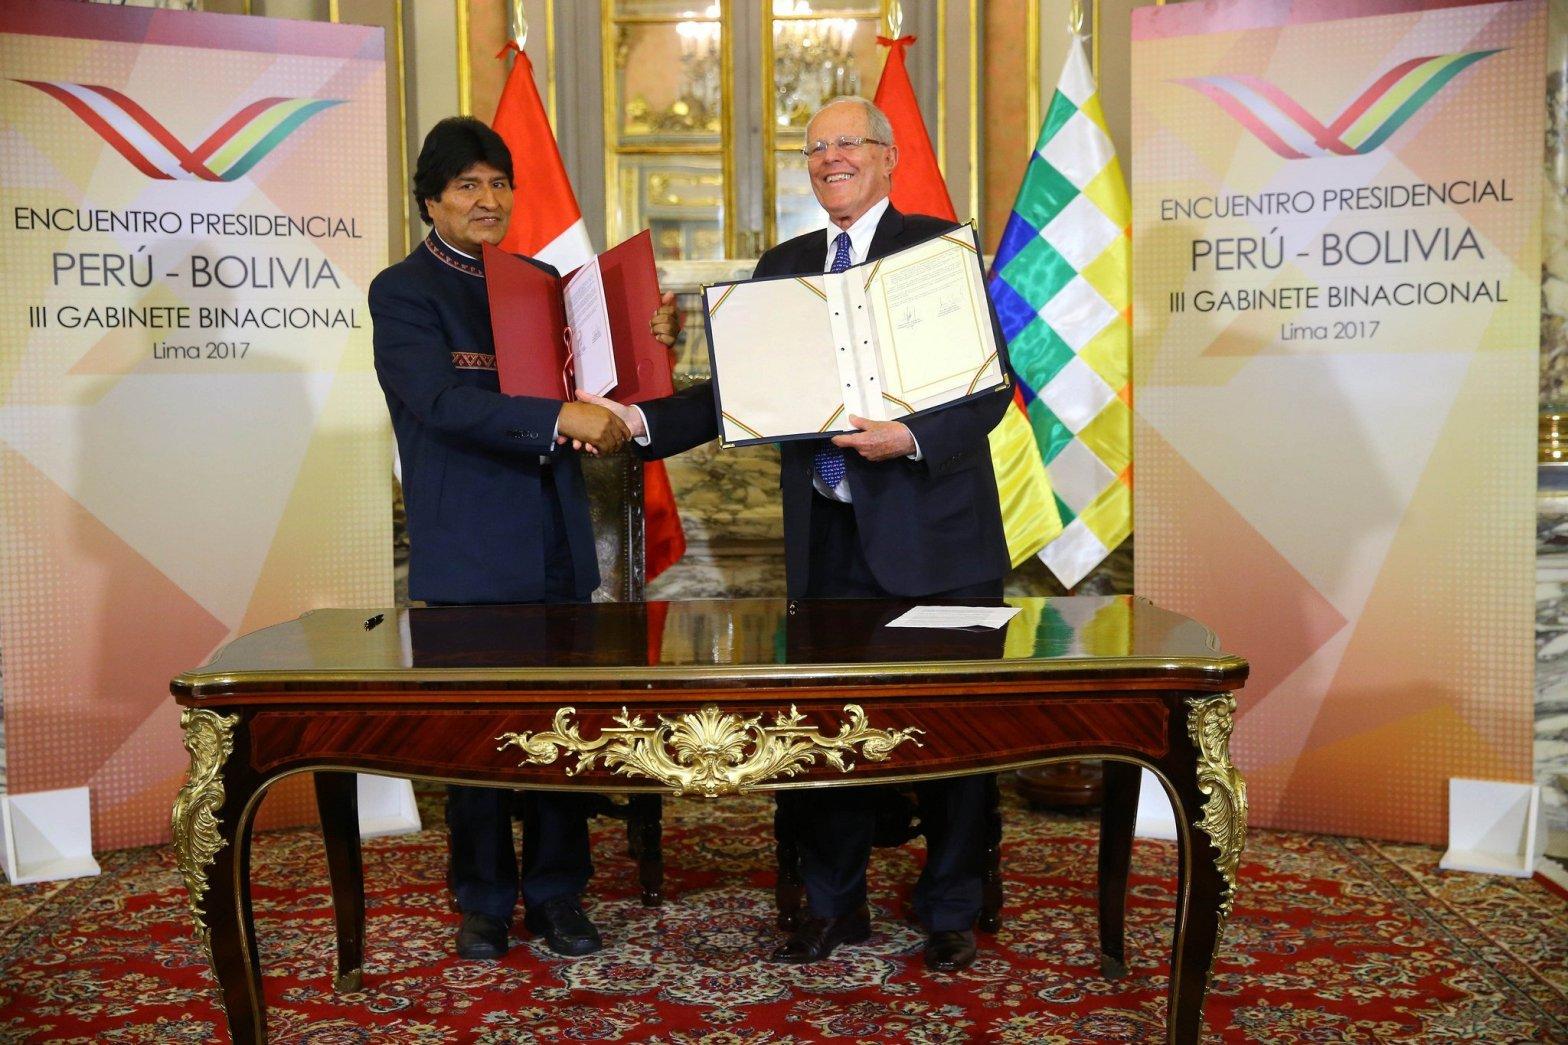 Gobiernos de Perú y Bolivia afianzan relaciones tras suscribir Declaración de Lima